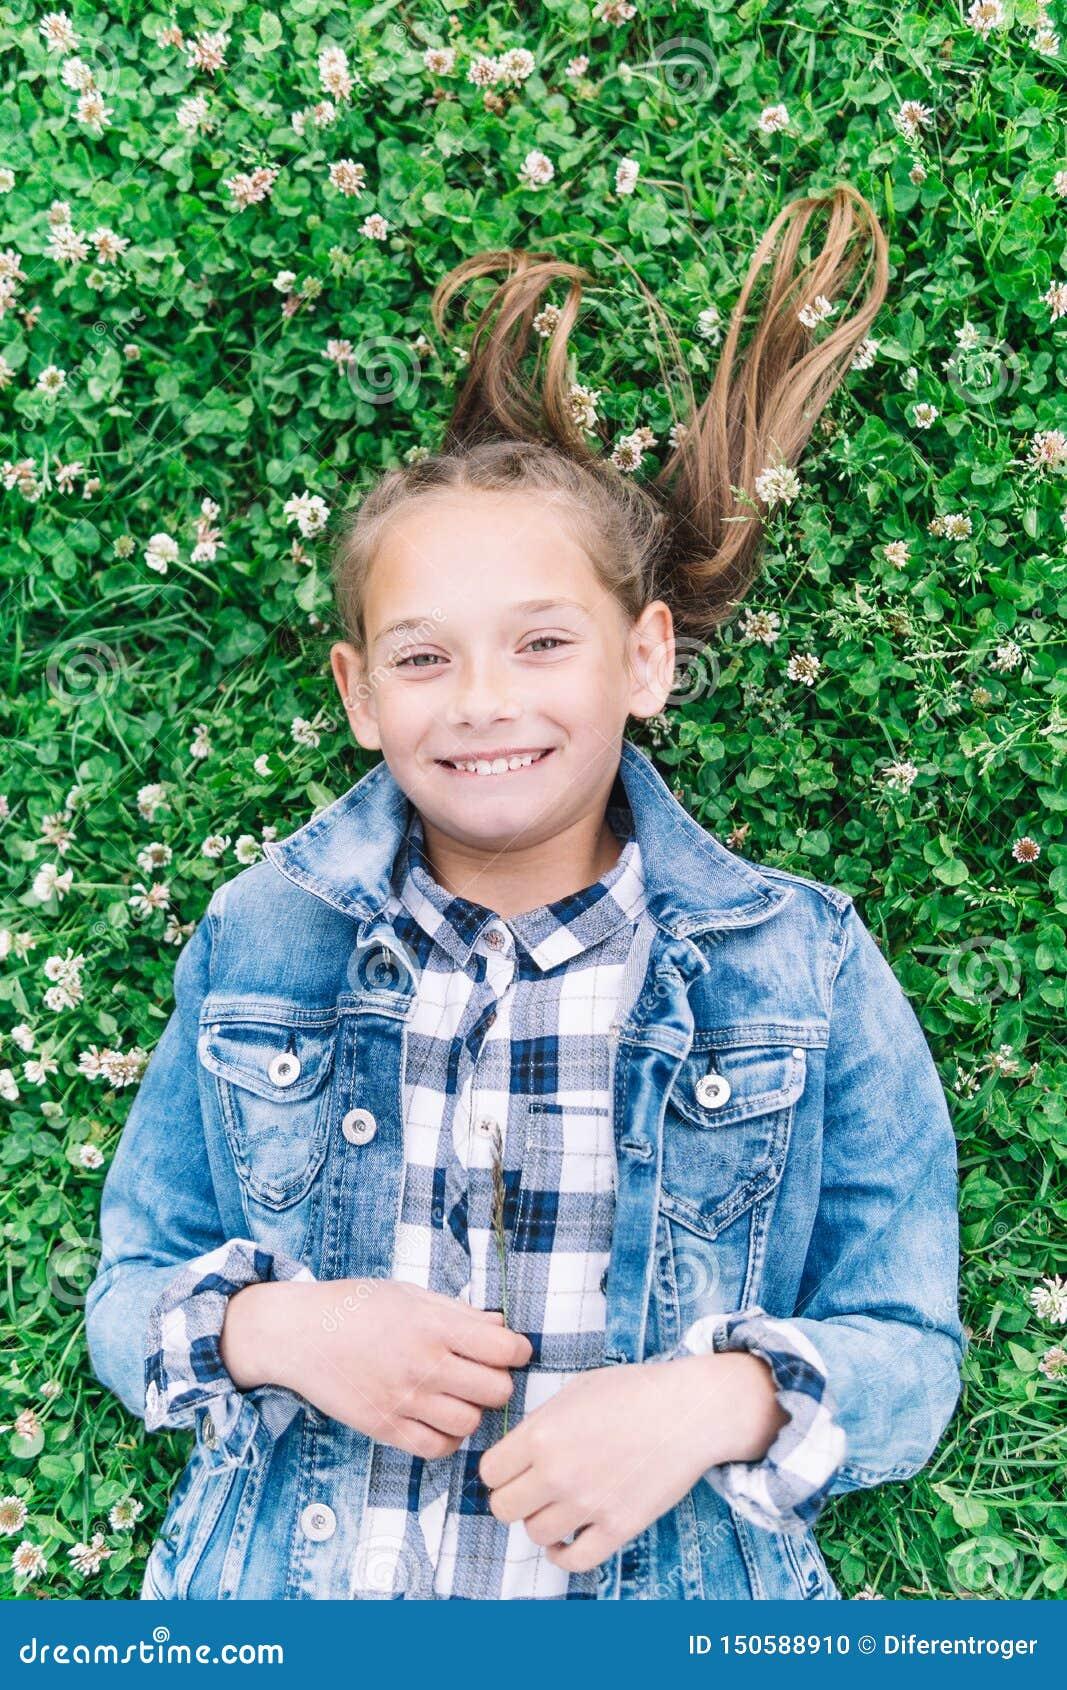 Mała dziewczynka bawić się w parku w zielonym tle z kwiatami